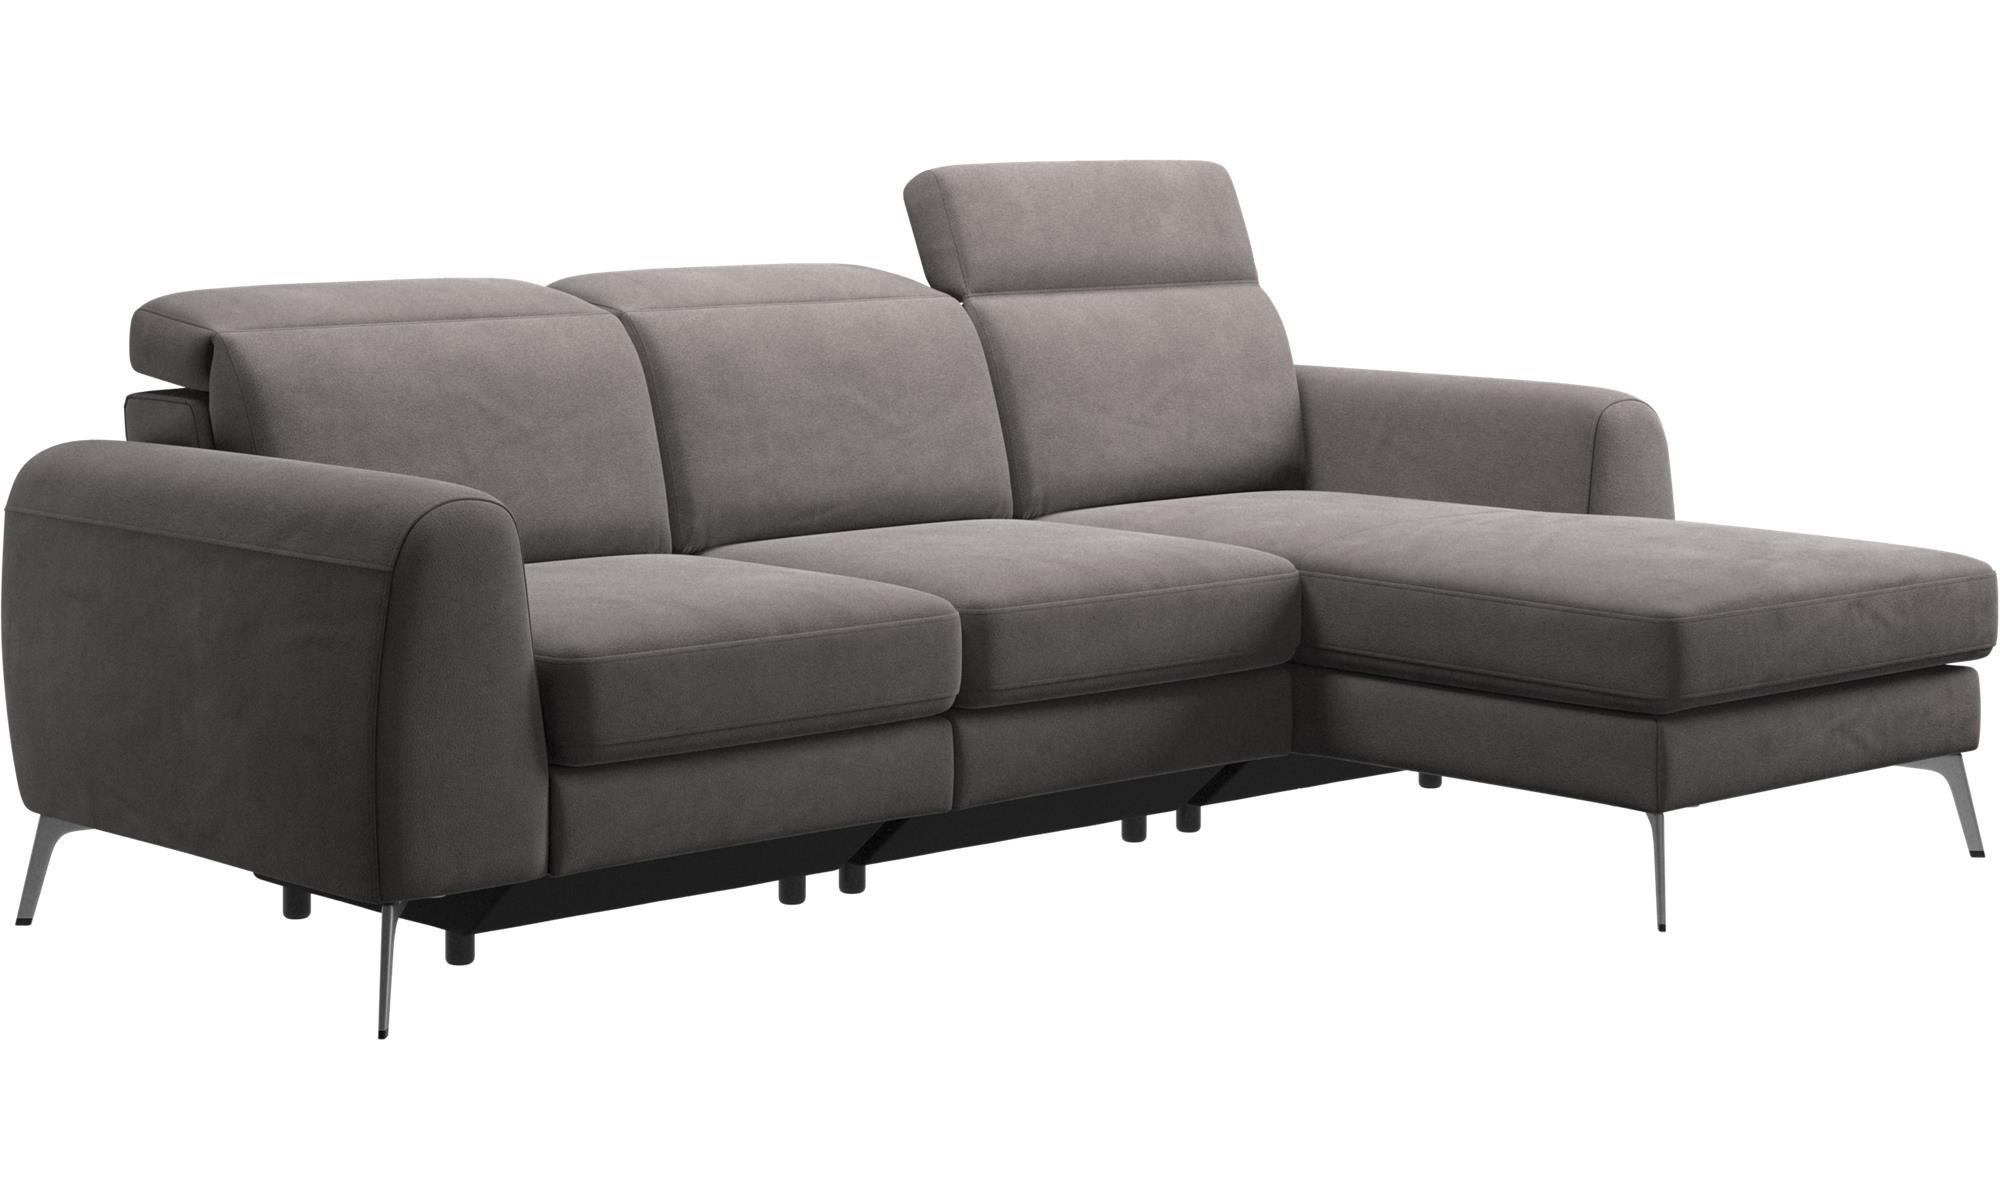 Geräumig Sofa Kopfstütze Referenz Von 3-sitzer Sofas - Madison Mit Ruhemodul Und